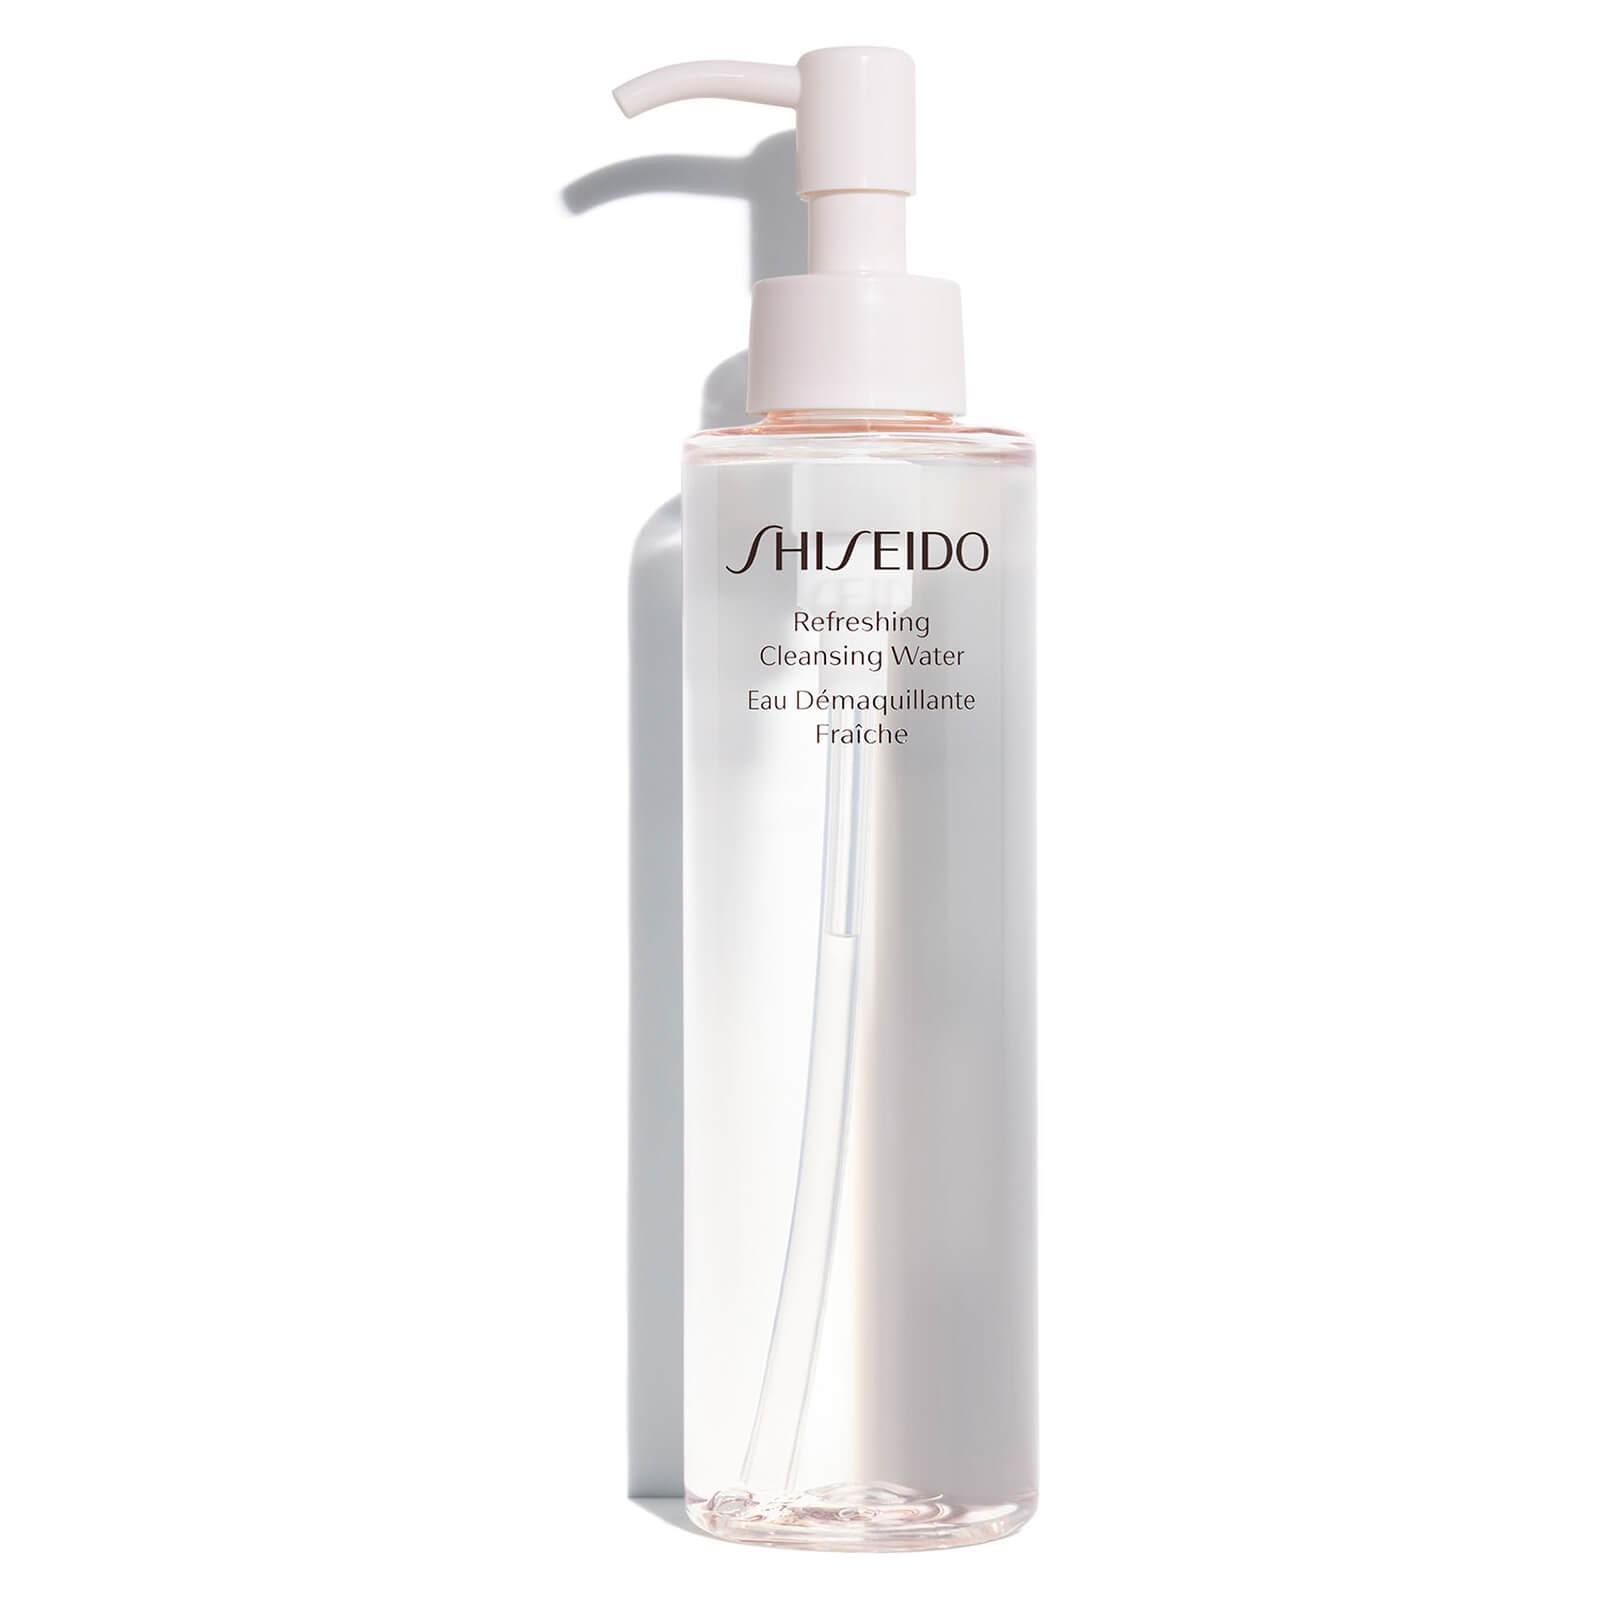 Купить Освежающая очищающая вода Shiseido Refreshing Cleansing Water 180мл